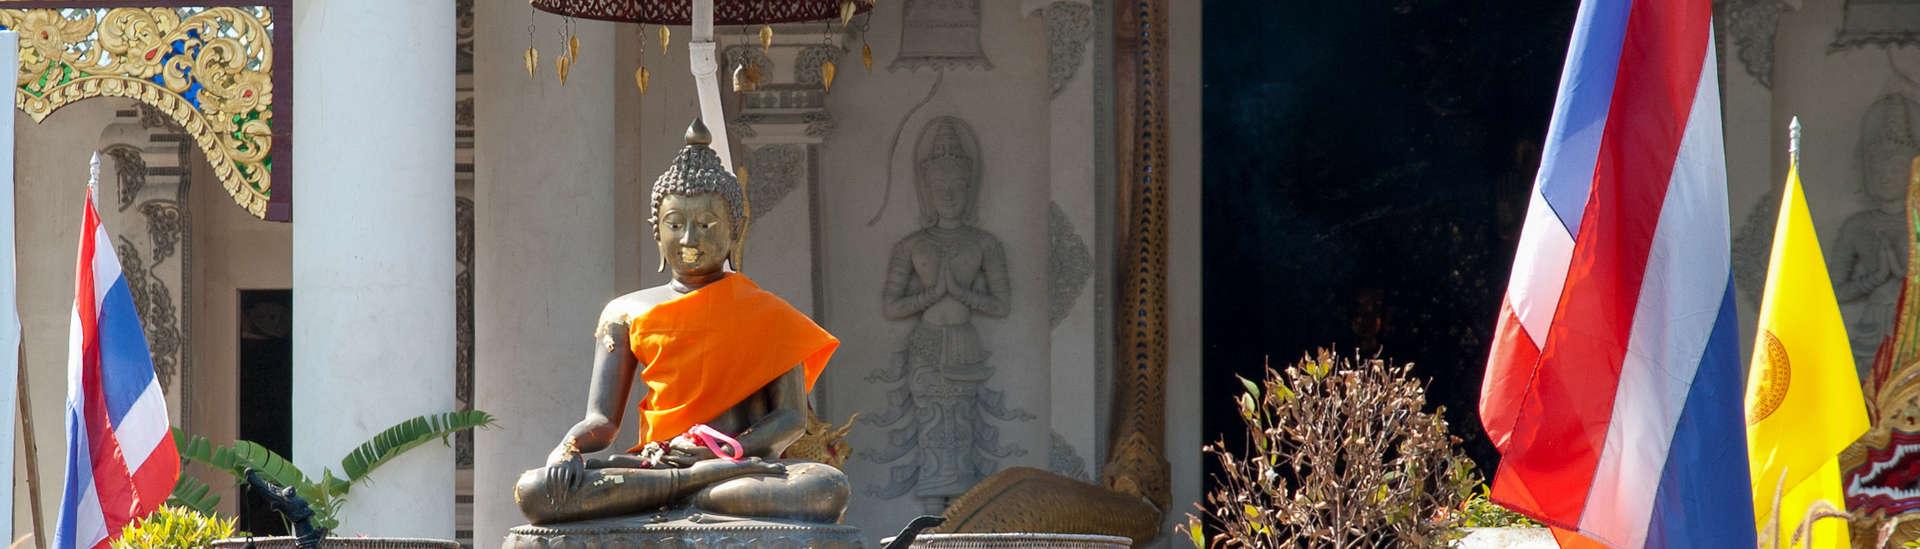 Tajlandia.2009-56.jpg